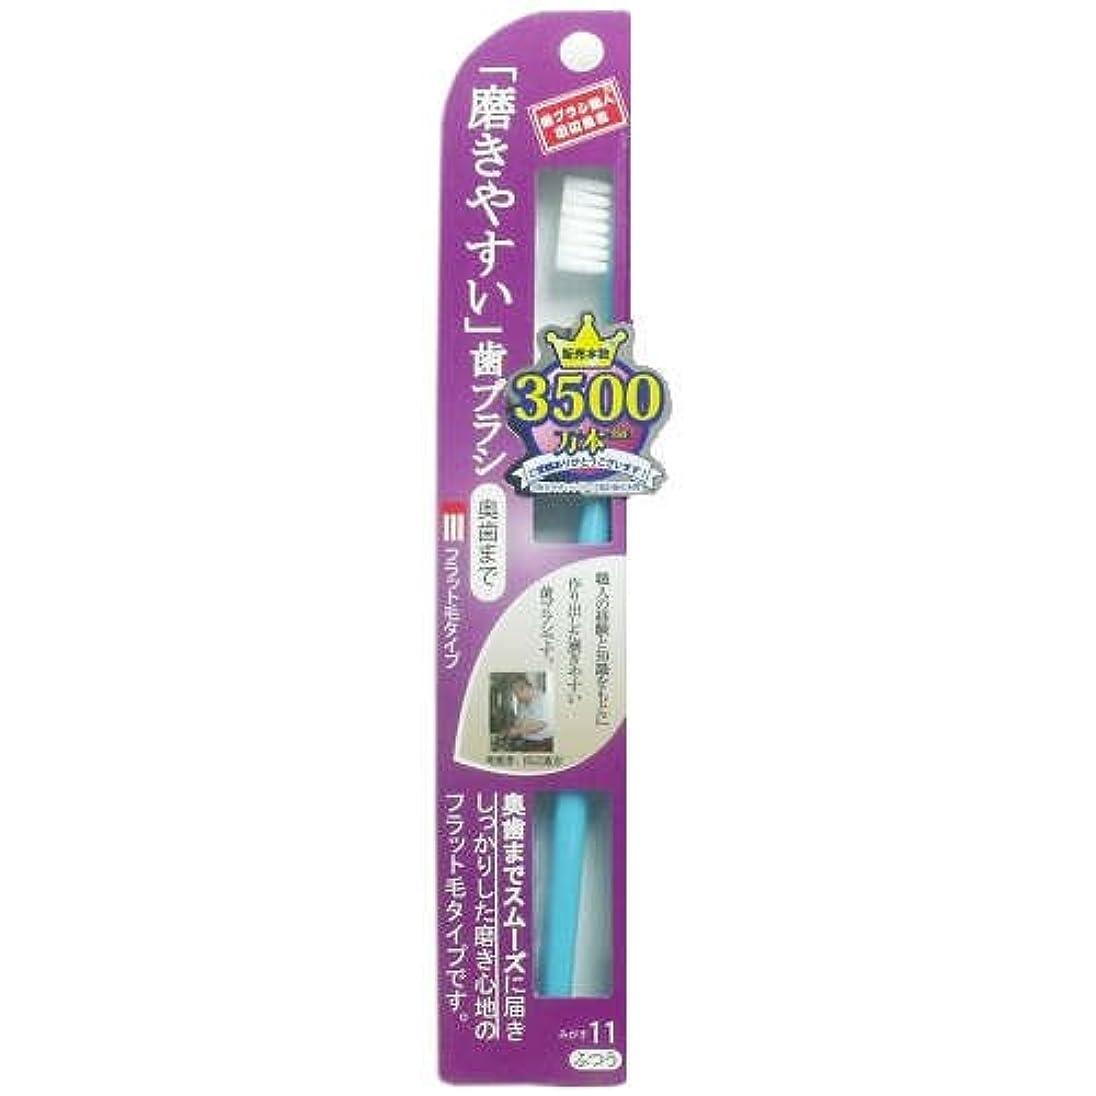 モザイク掃除レッスン磨きやすい歯ブラシ 奥歯まで フラットタイプ 1本入 LT-11:ブルー